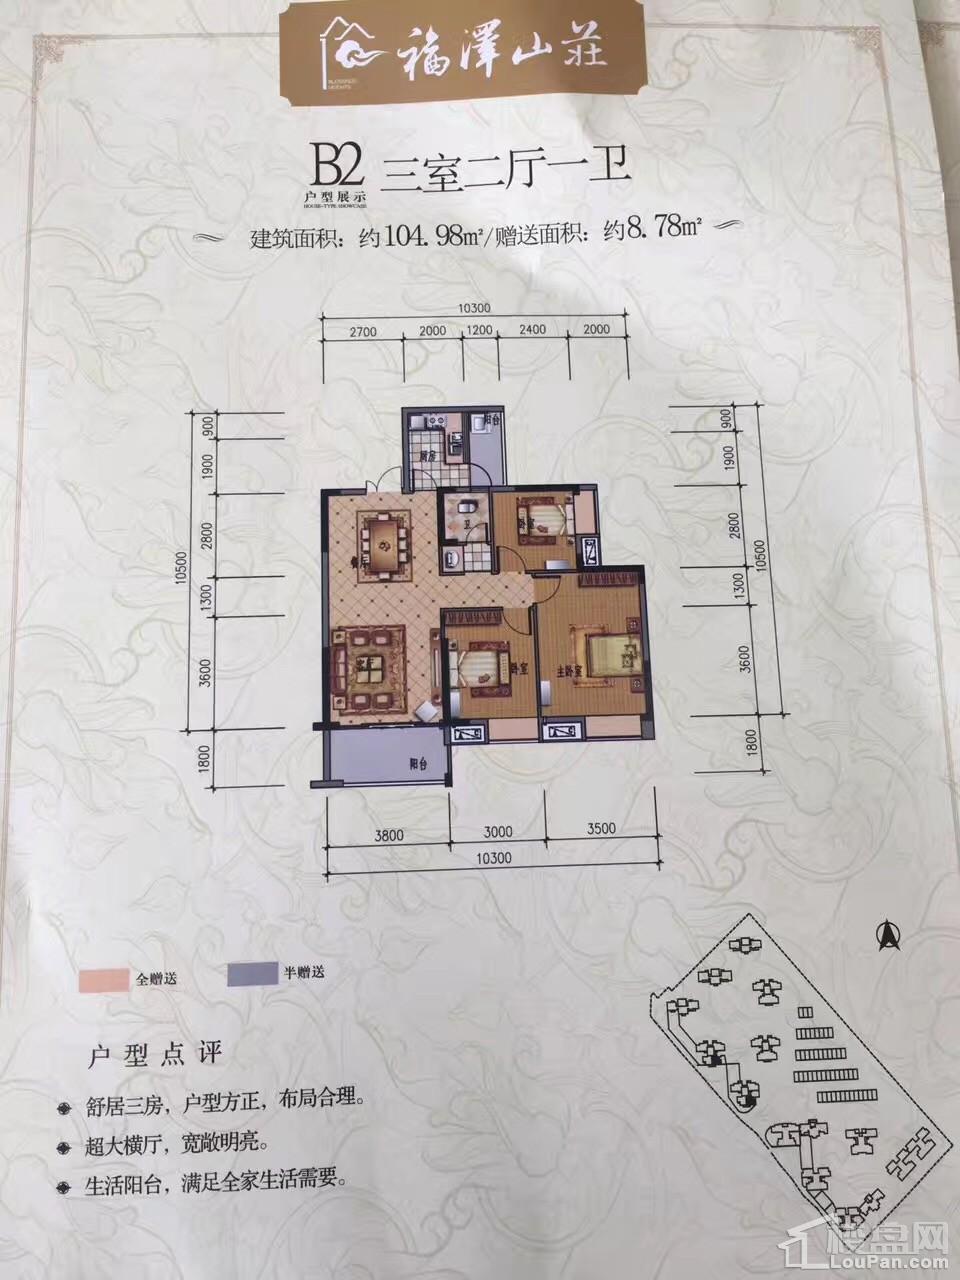 福泽山庄9/11栋B2户型